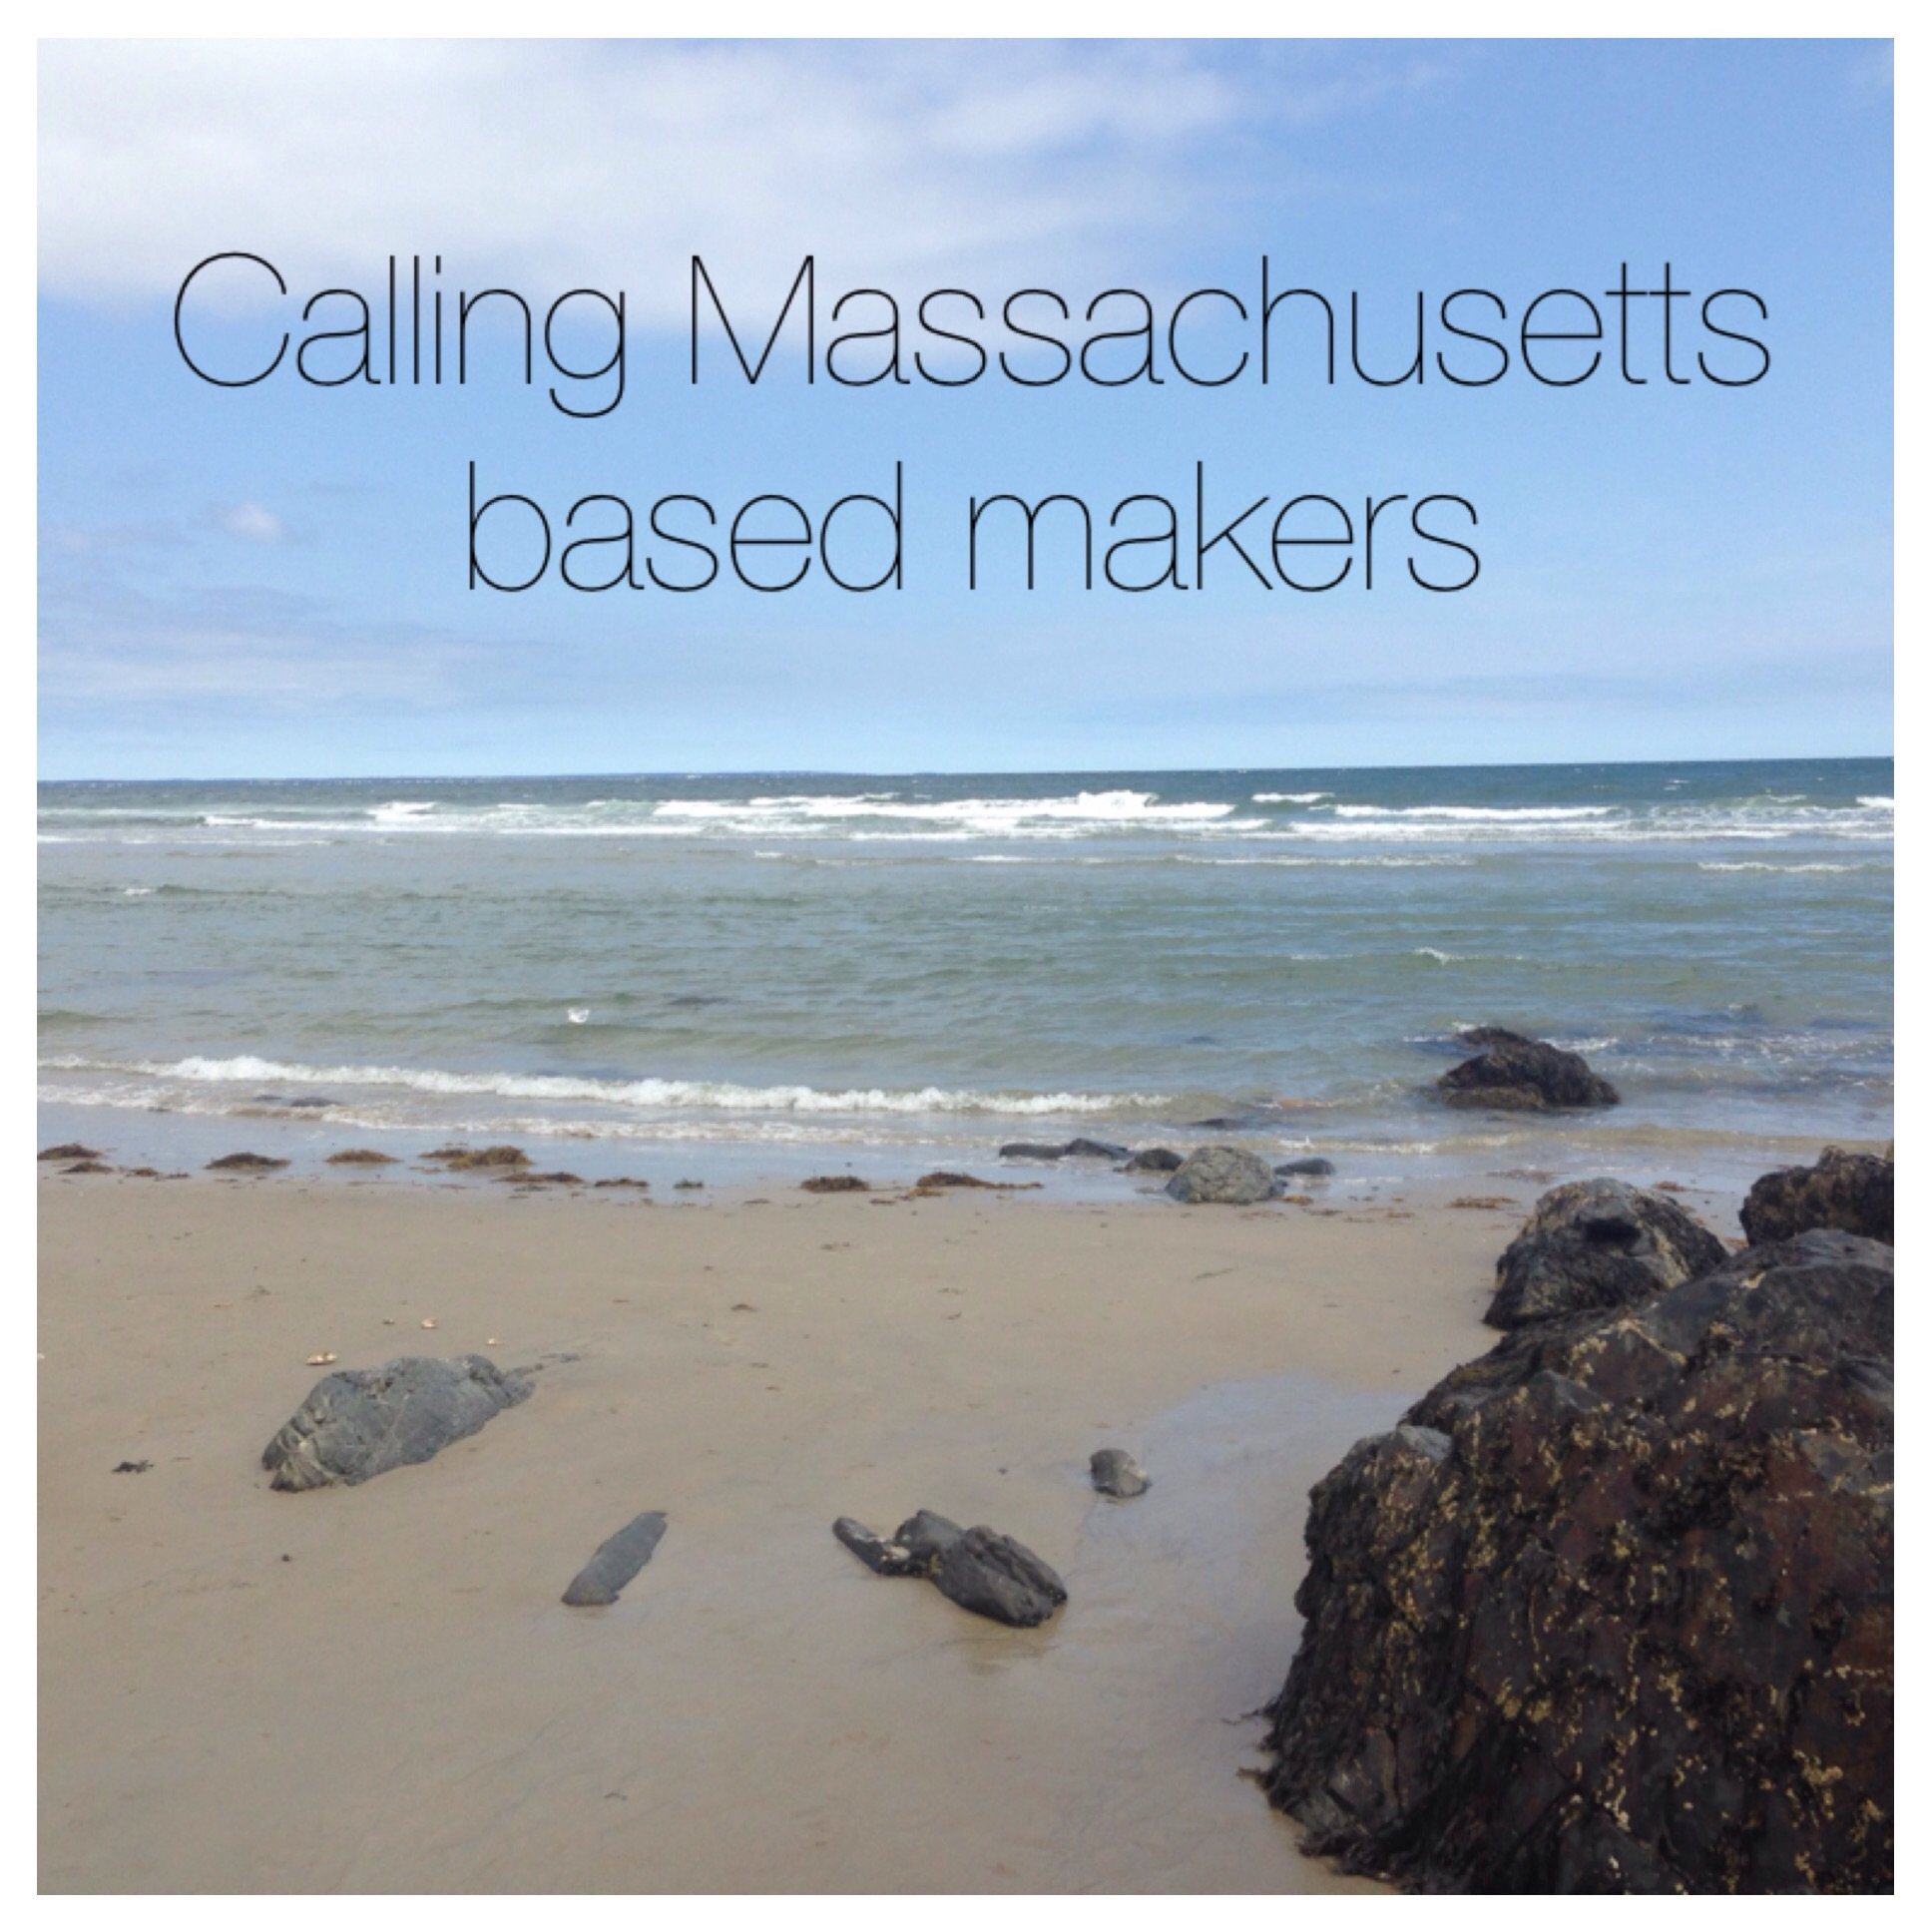 Calling Massachusetts based makers!